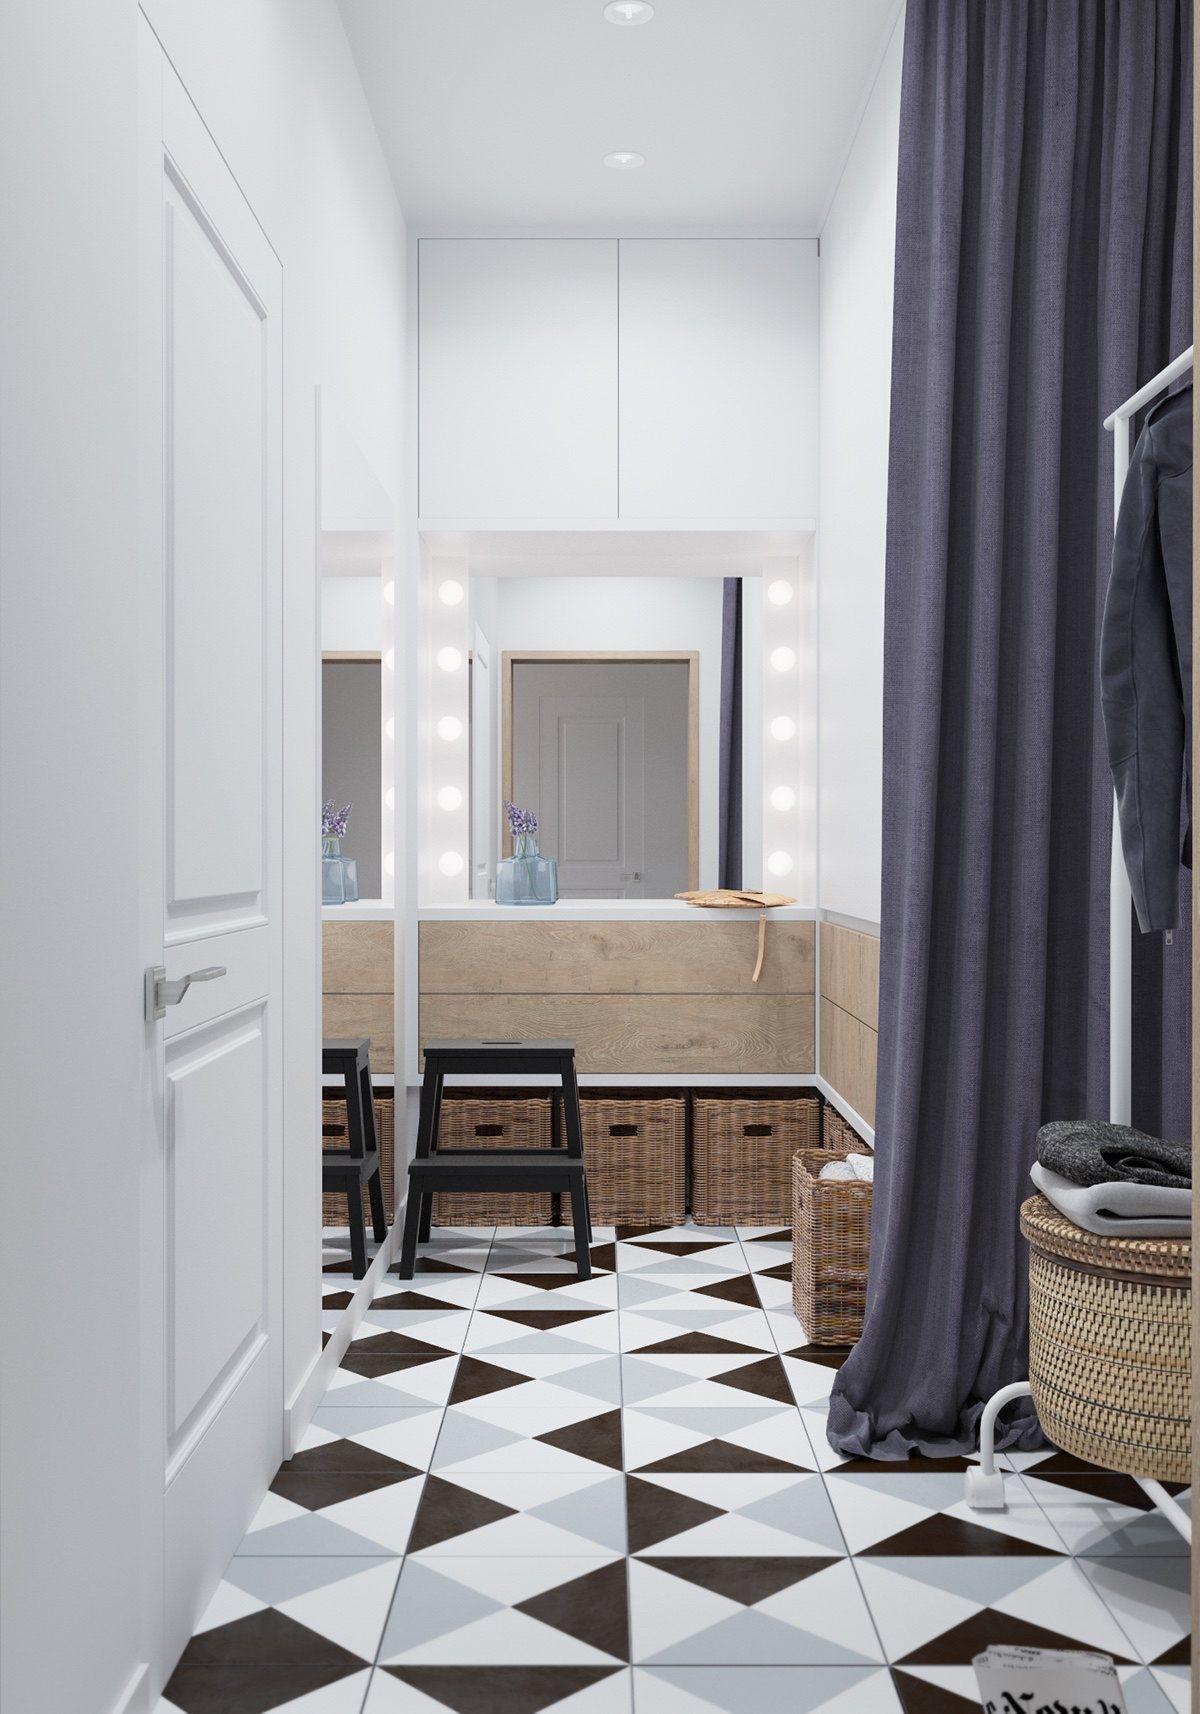 Thích mê 3 căn hộ hiện đại với diện tích khiêm tốn dưới 50m2 - Ảnh 31.